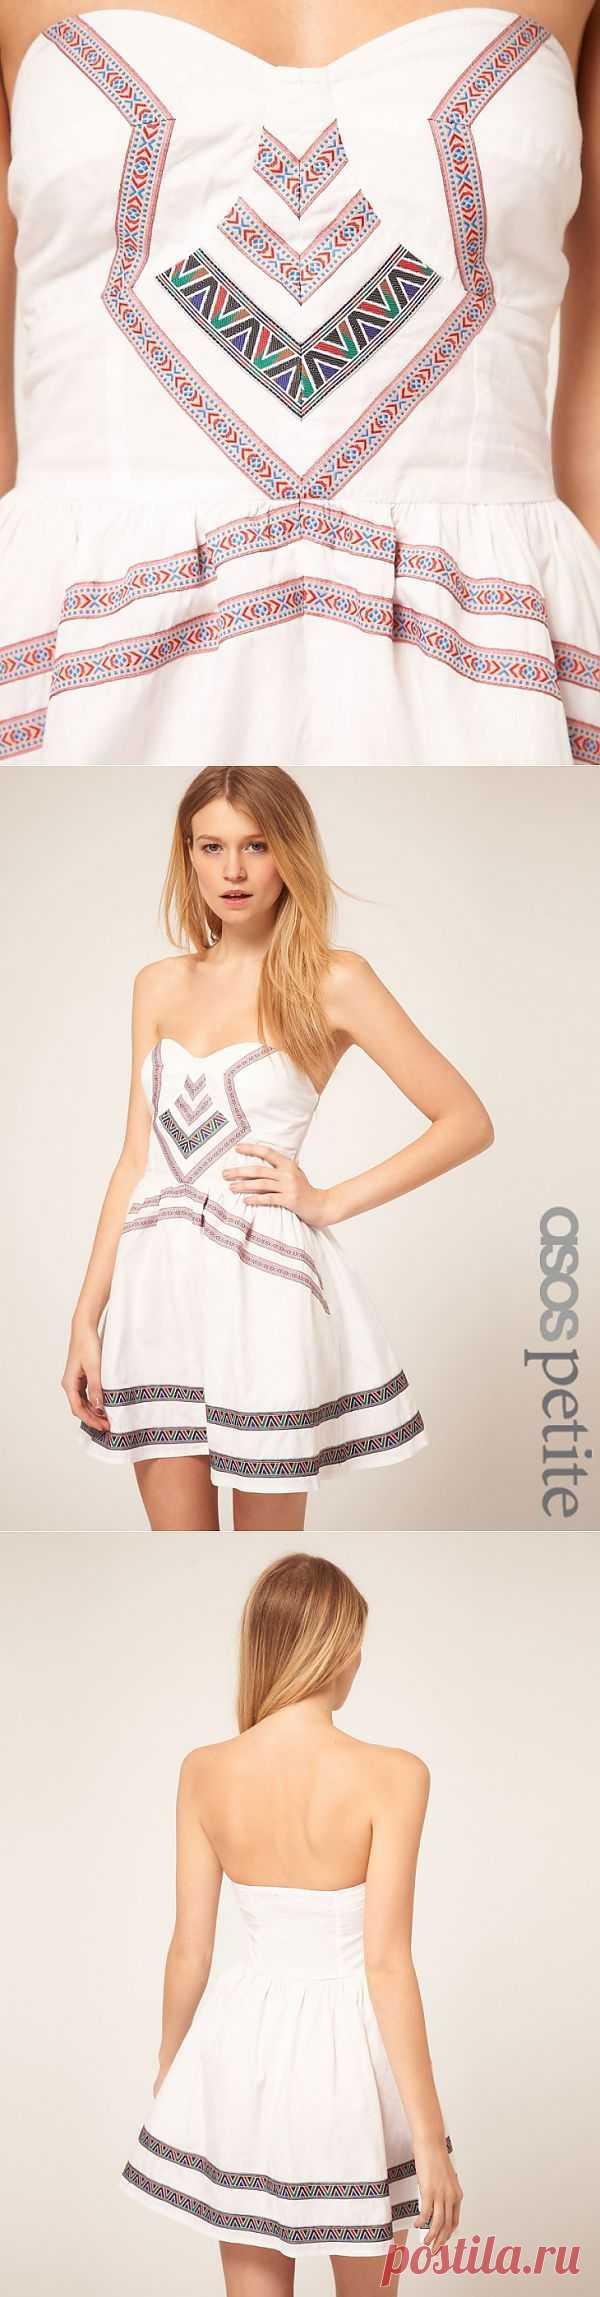 Наивно, супер! / Декор / Модный сайт о стильной переделке одежды и интерьера